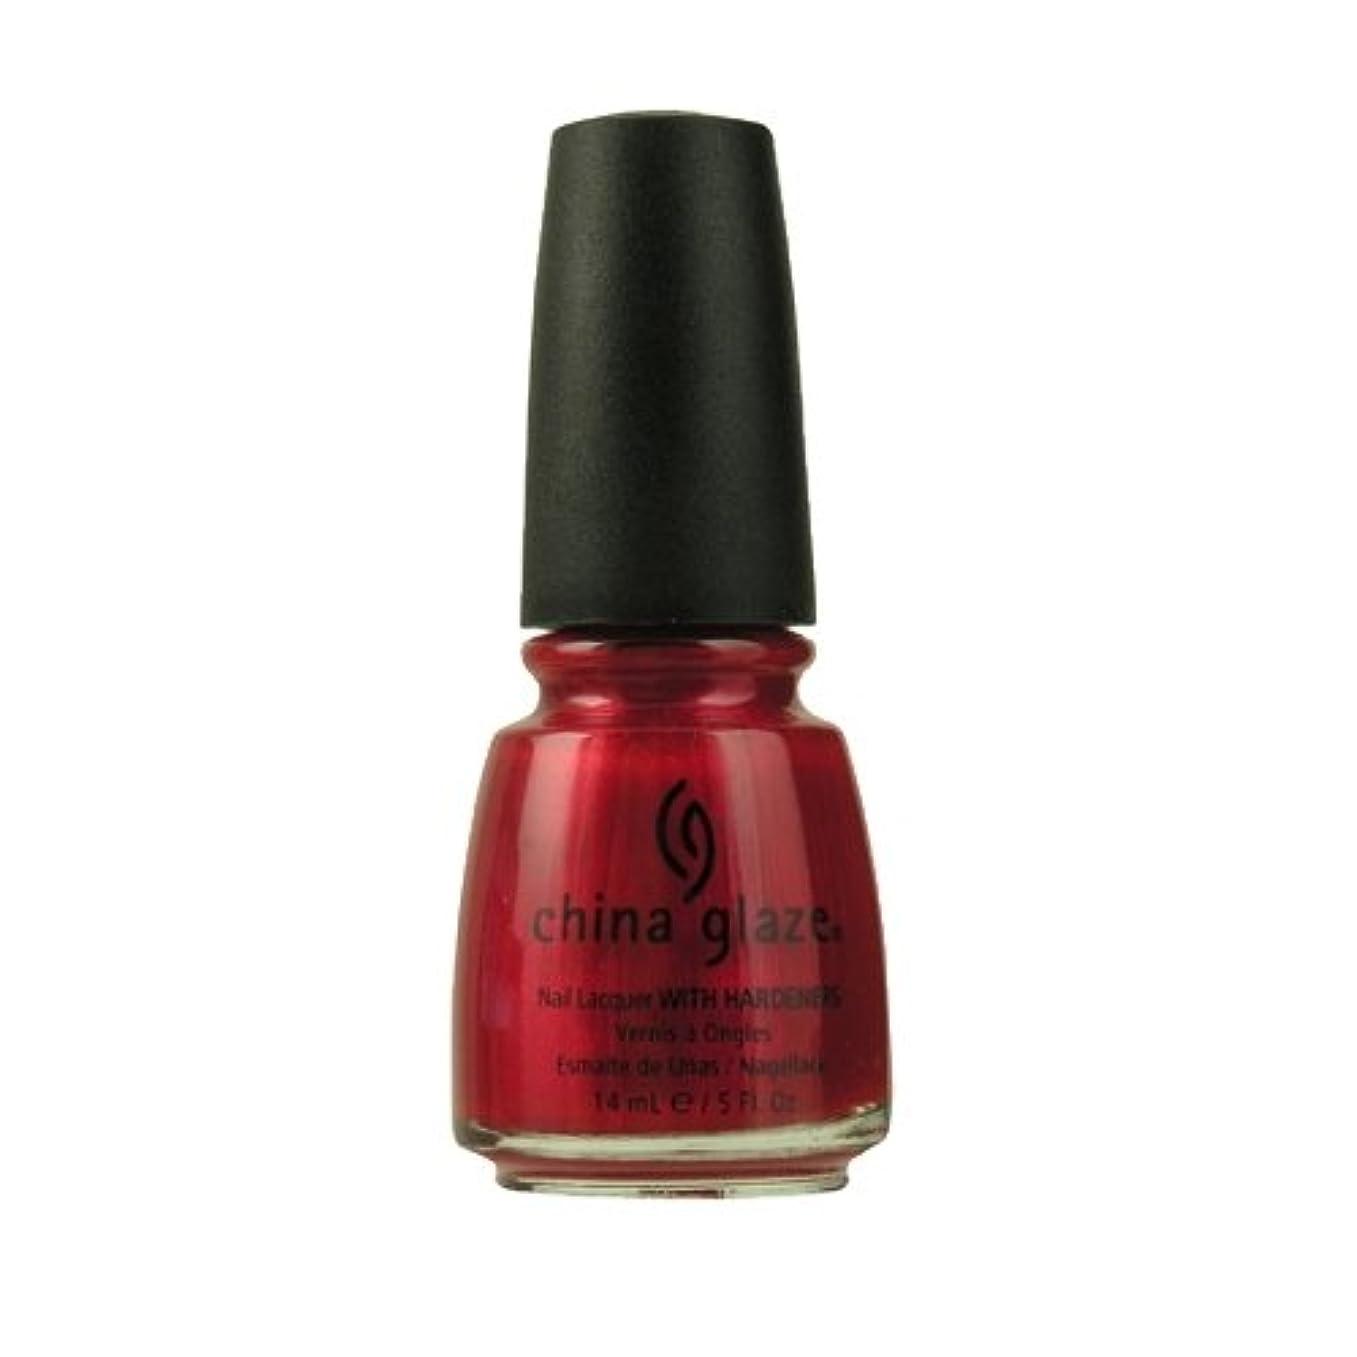 サーバ領域非常にCHINA GLAZE Nail Lacquer with Nail Hardner - Red Pearl (並行輸入品)